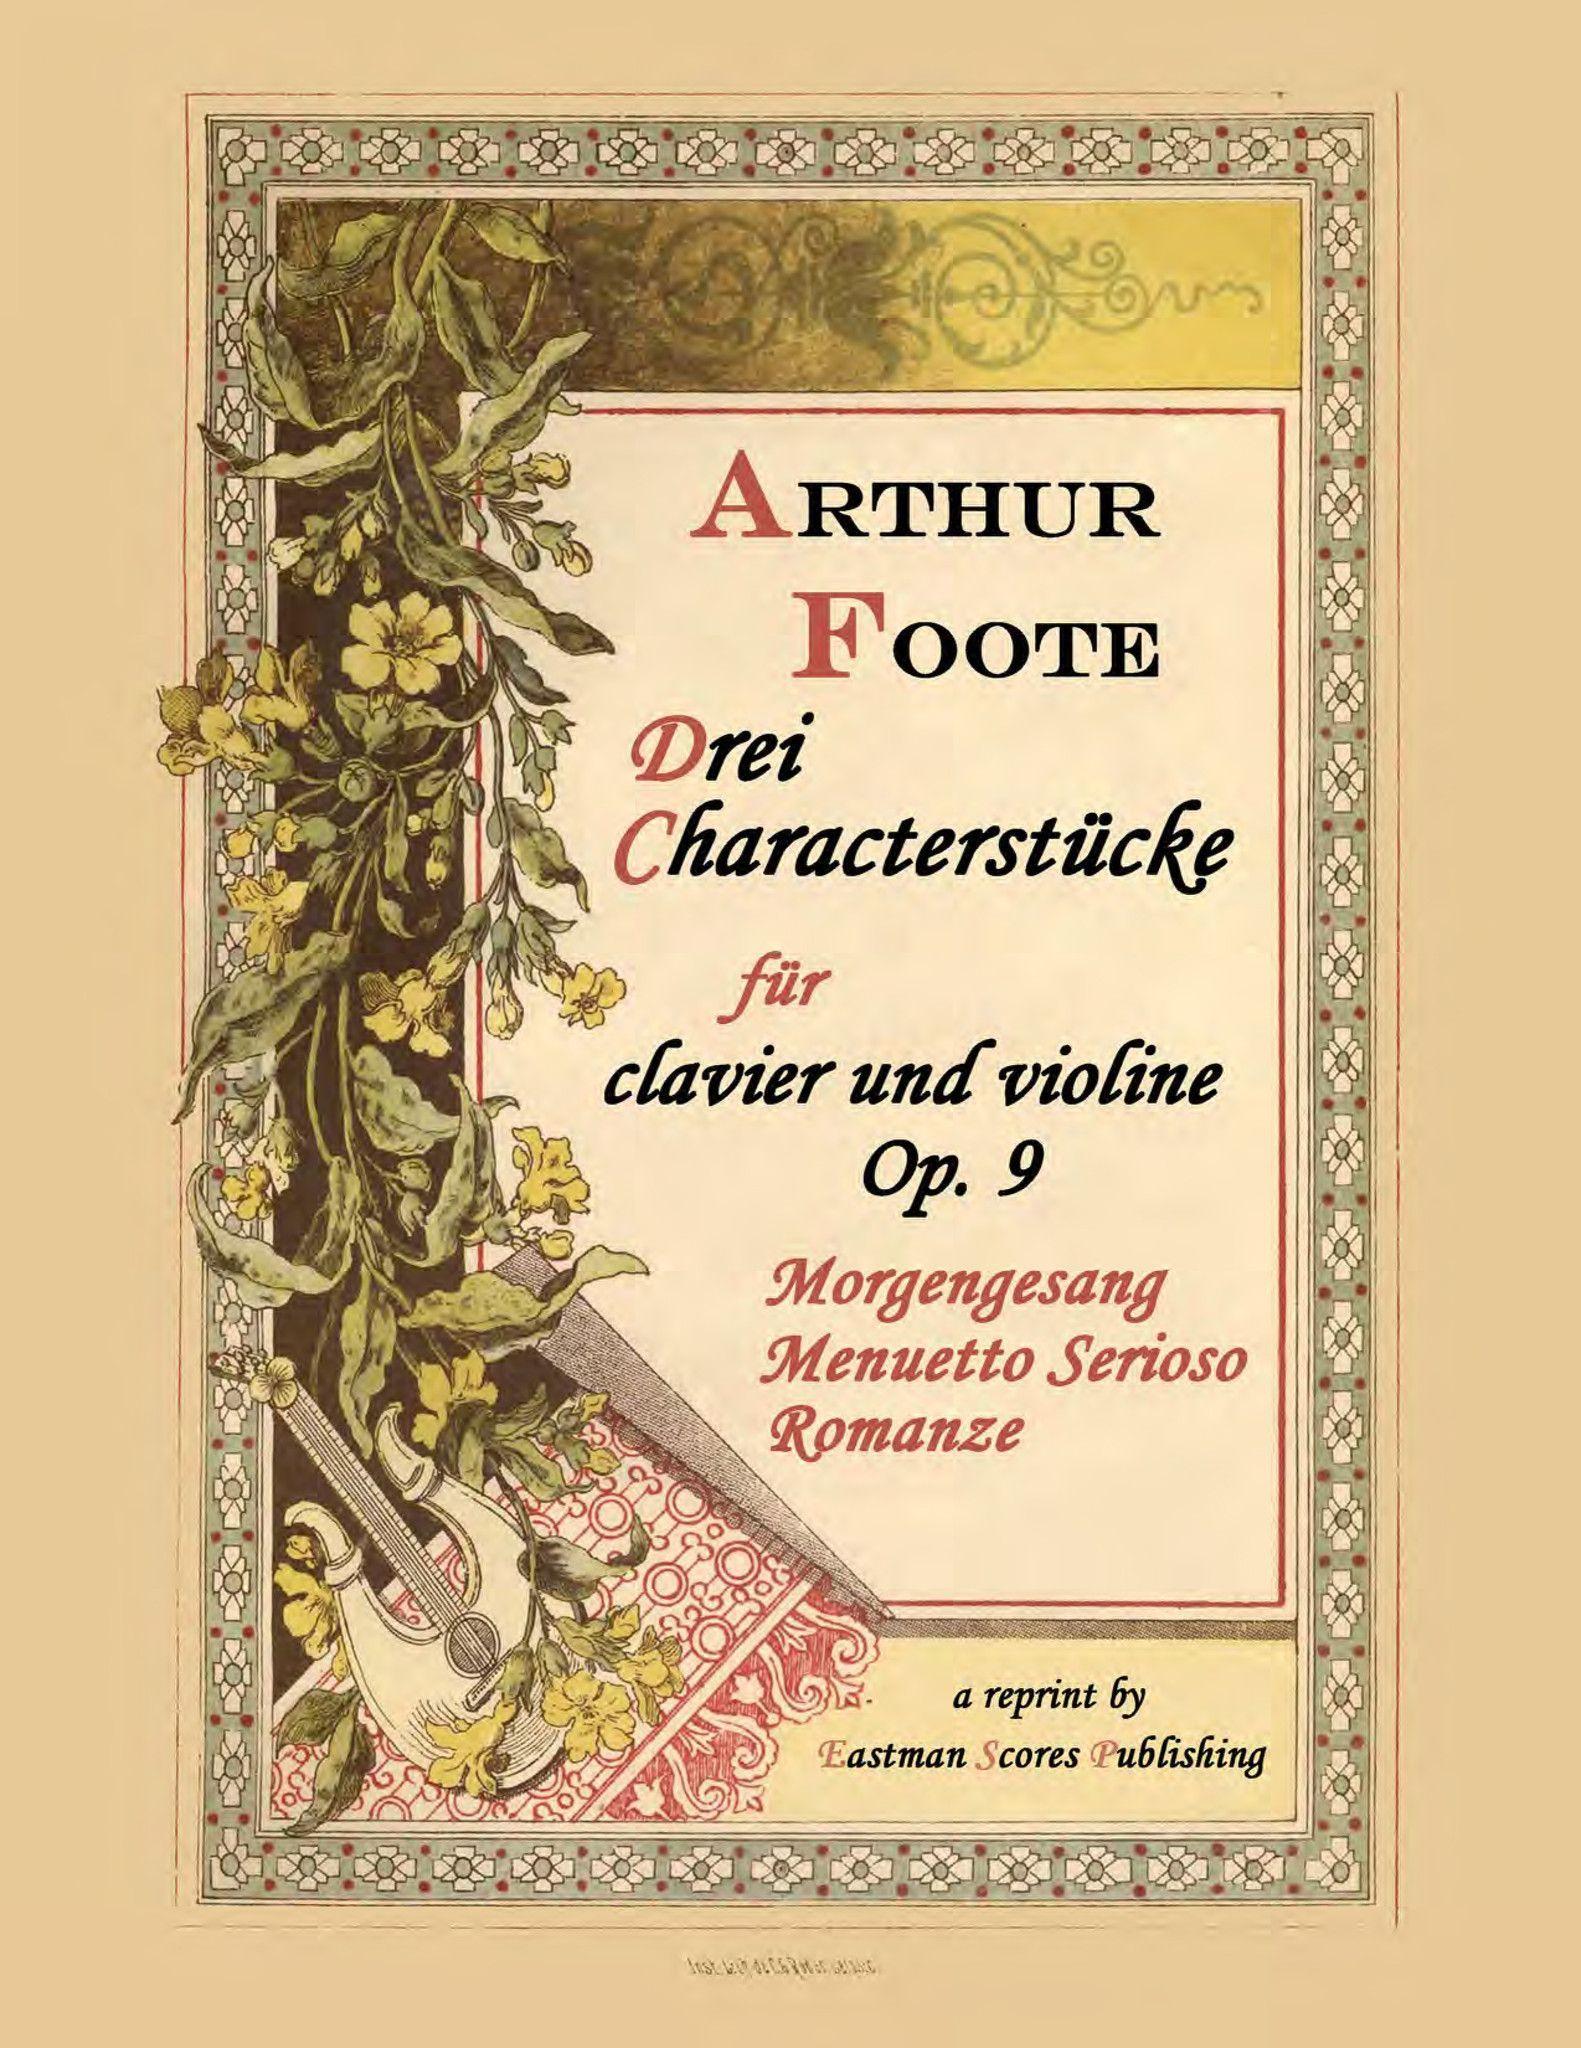 Foote, Arthur : Drei Characterstucke : Op. 9, fur Clavier und Violine / von Arthur Foote.